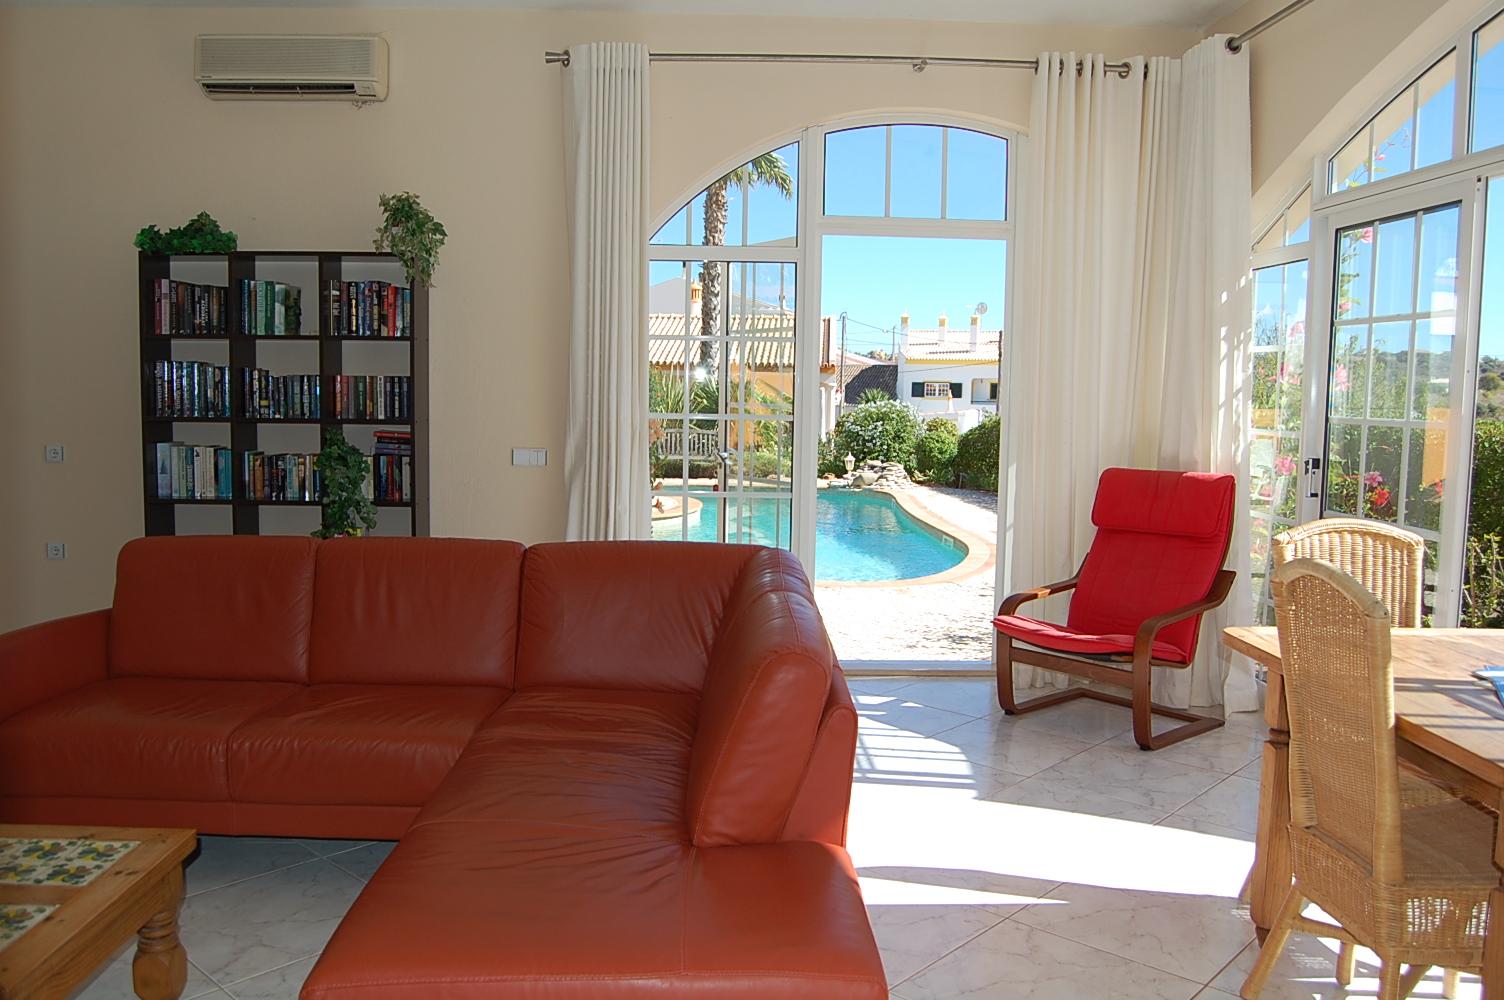 Ferienhaus Bungalow, im schönen Garten ein Pool auch für die 2 Wohnungen, sehr ruhiger Ort (2377732), Luz, , Algarve, Portugal, Bild 10